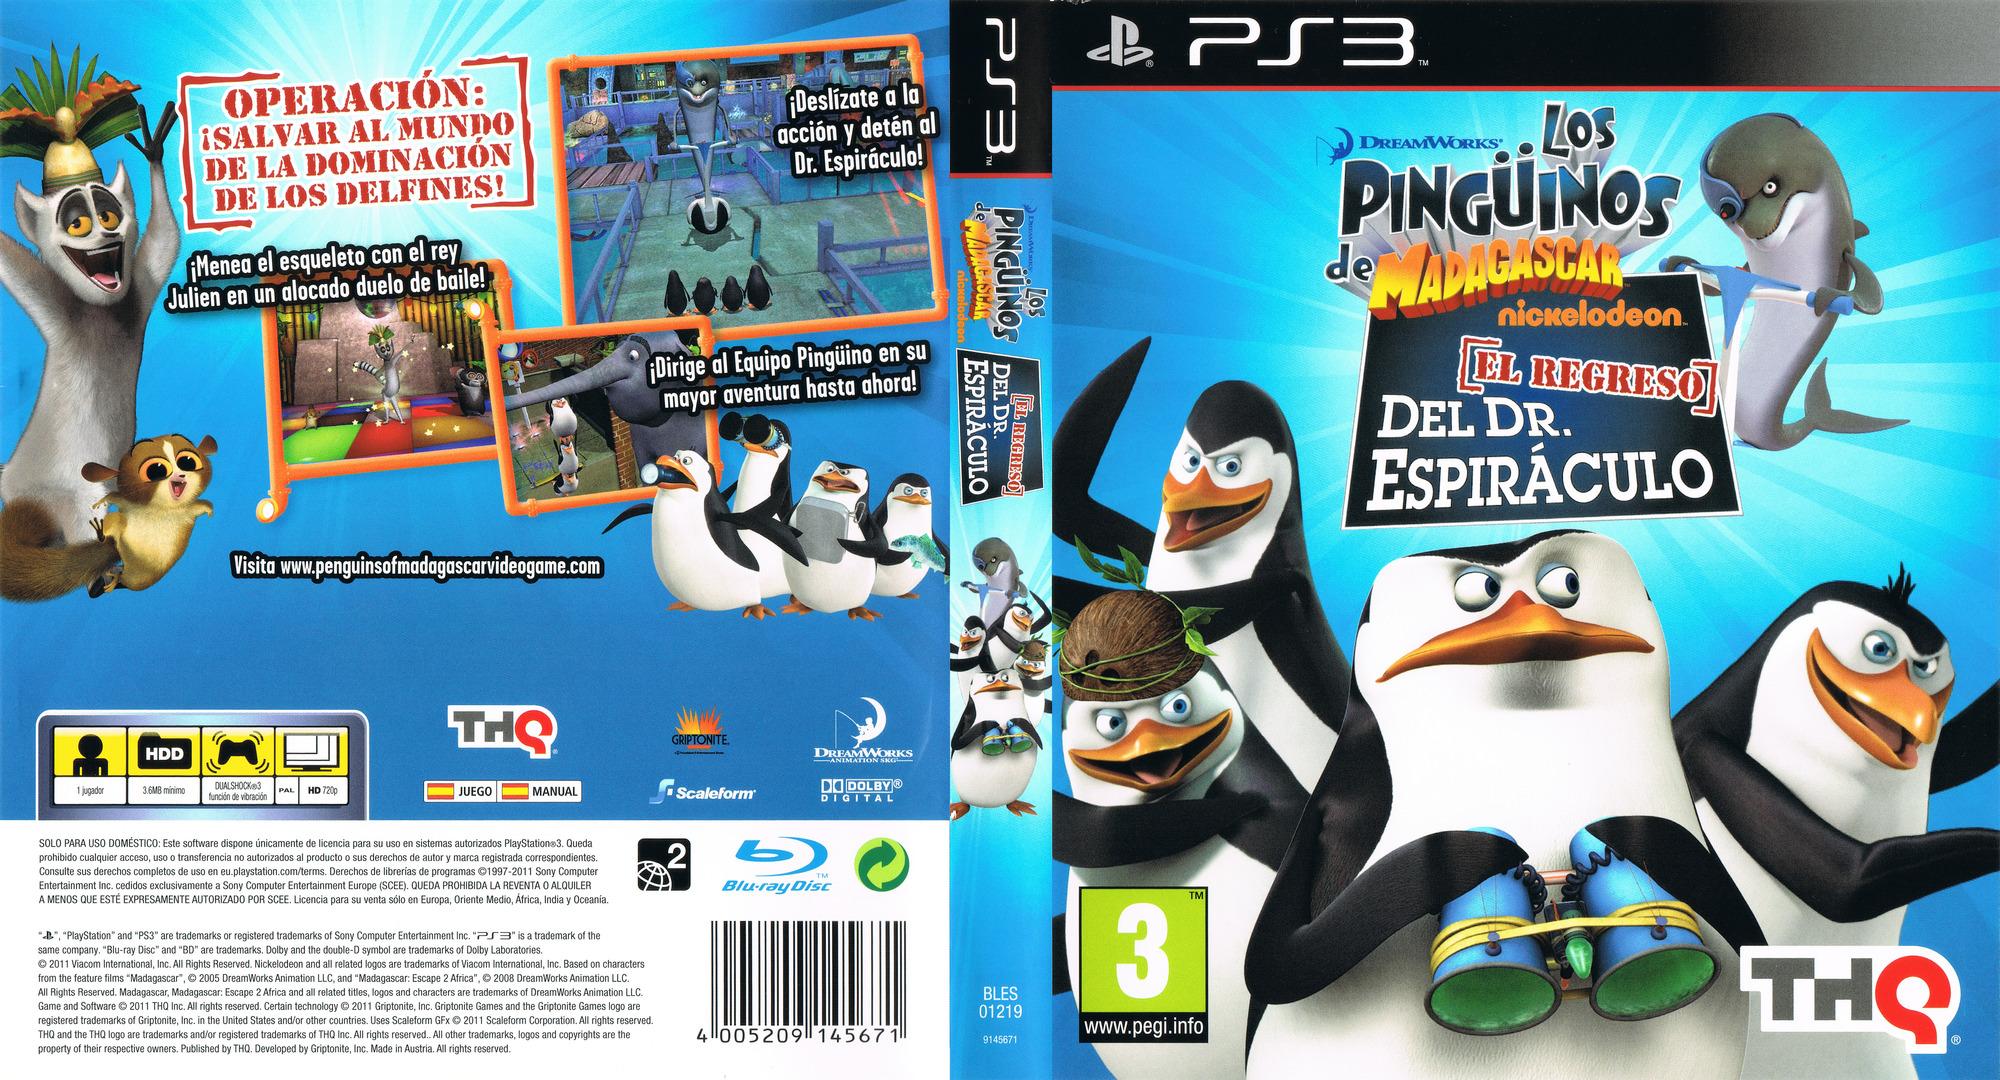 Los Pingüinos de Madagascar: El regreso del Dr. Espiráculo PS3 coverfullHQ (BLES01219)